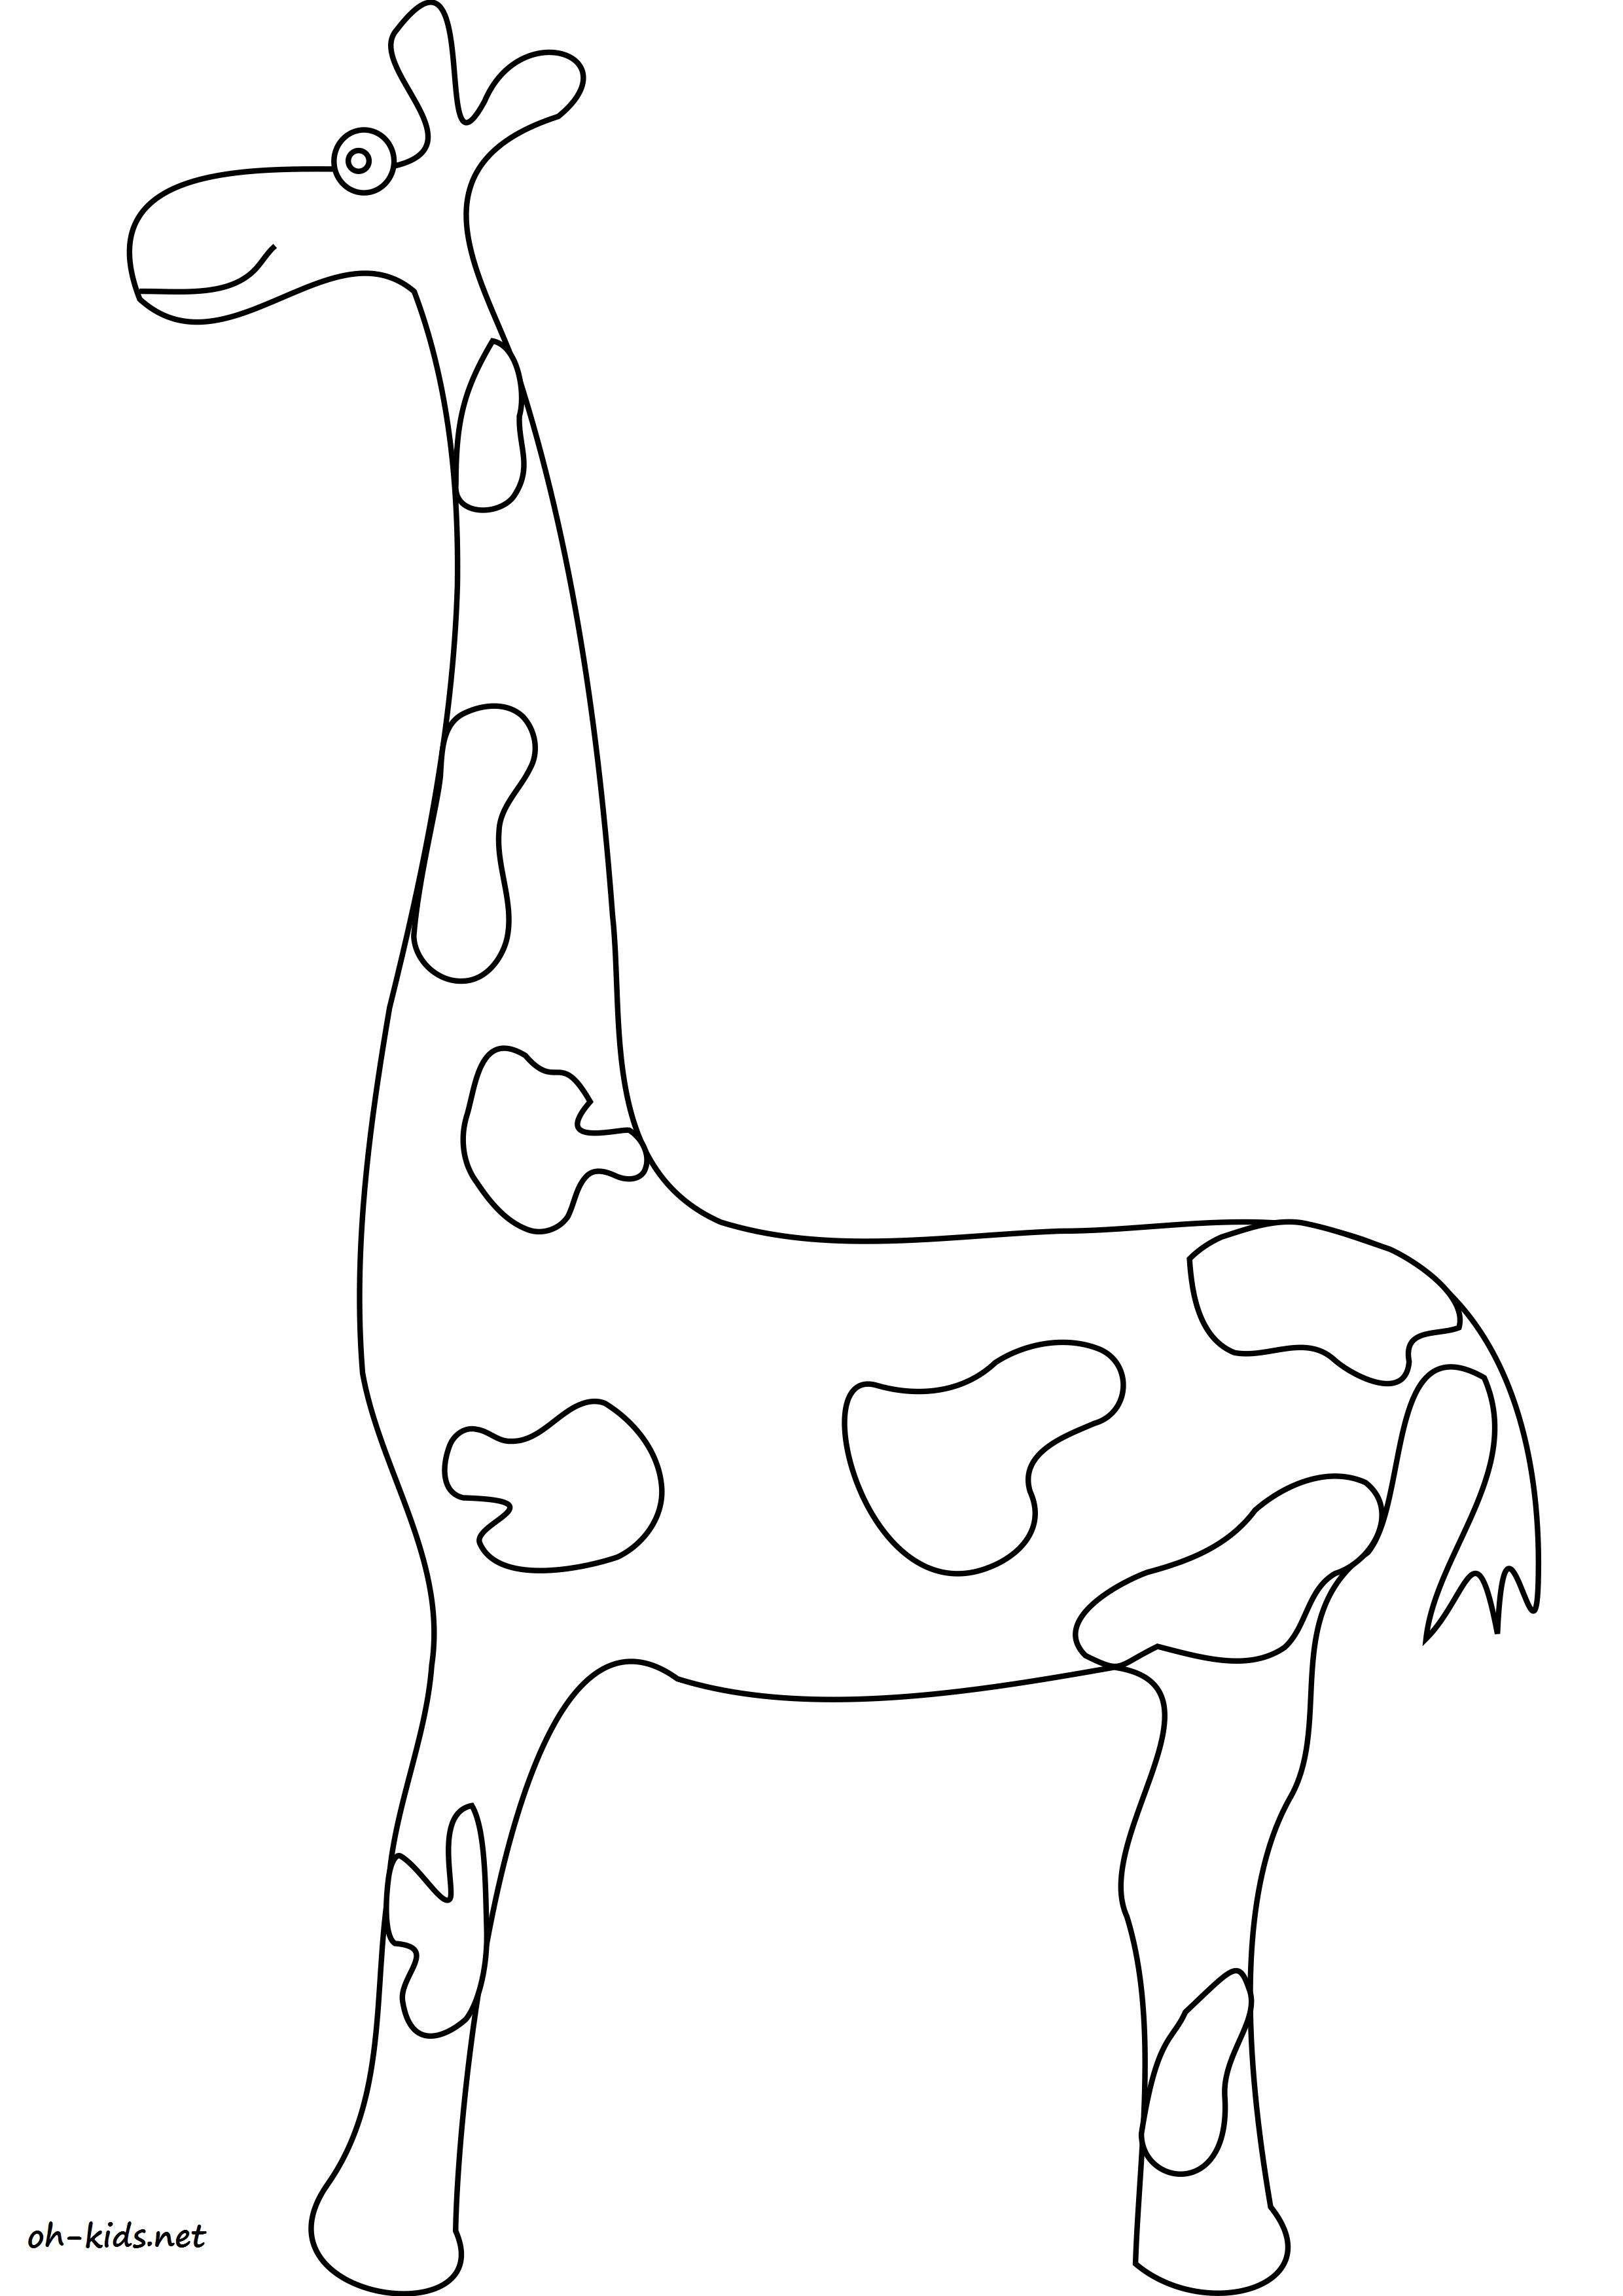 Coloriage girafe a imprimer Dessin 1584